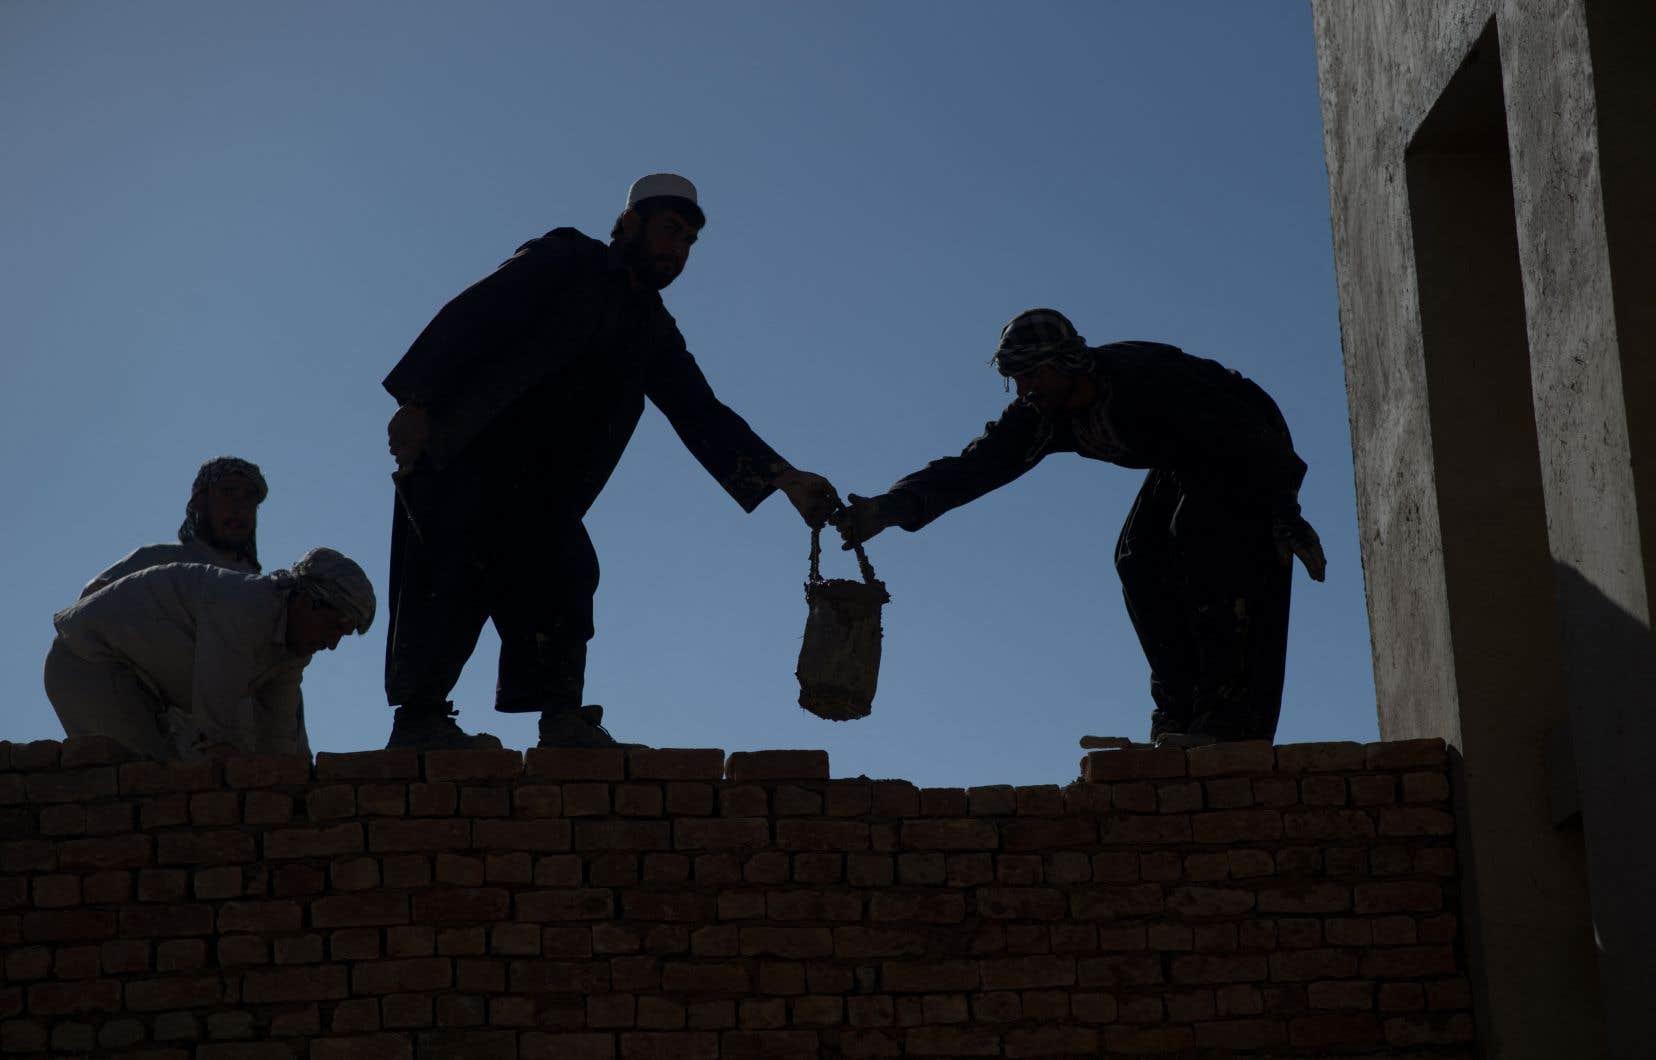 Des étudiants afghans, soutenus par une fondation à but non lucratif, travaillent à la réfection d'un monument à Kaboul en 2012.